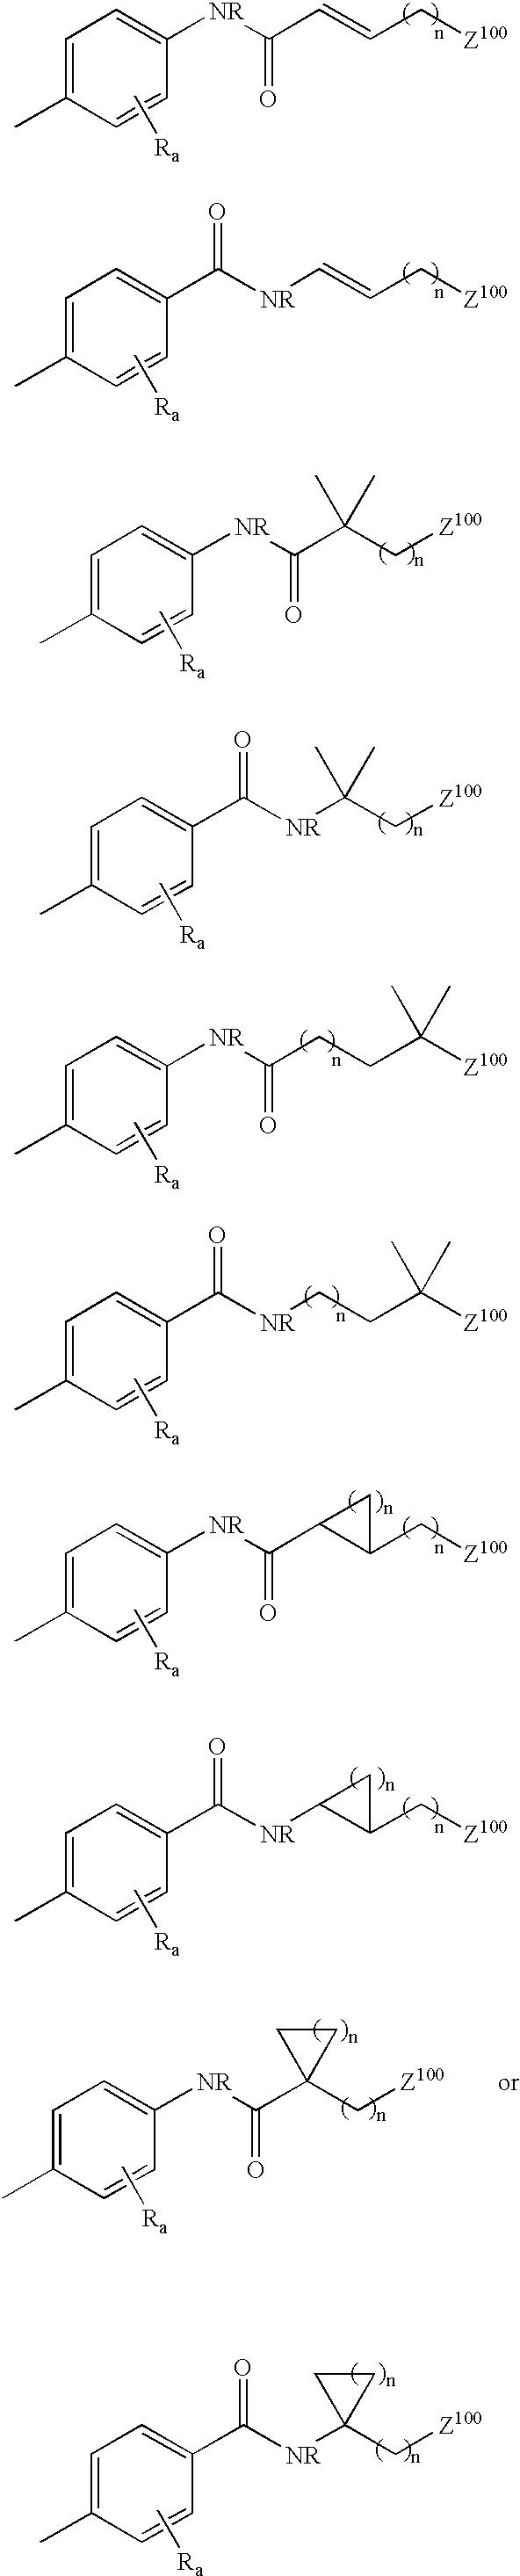 Figure US06660744-20031209-C00049